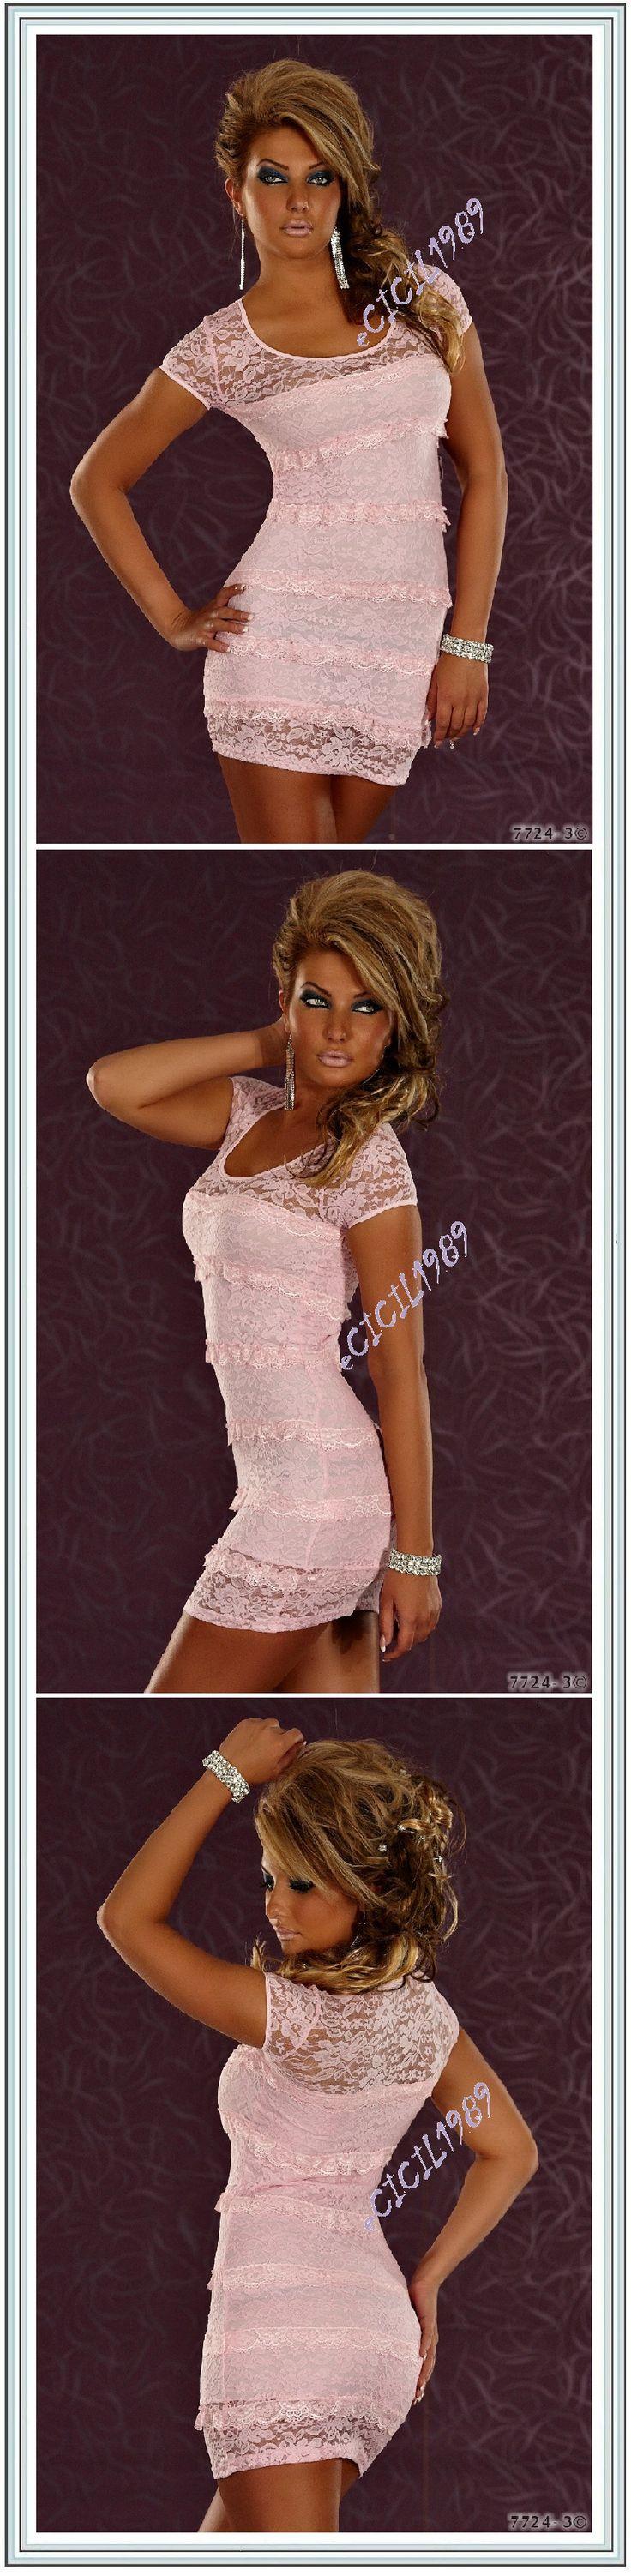 MUY SEXY MINI VESTIDO / TOP ESTIVAL BLONDA rosa T 36/38   eBay